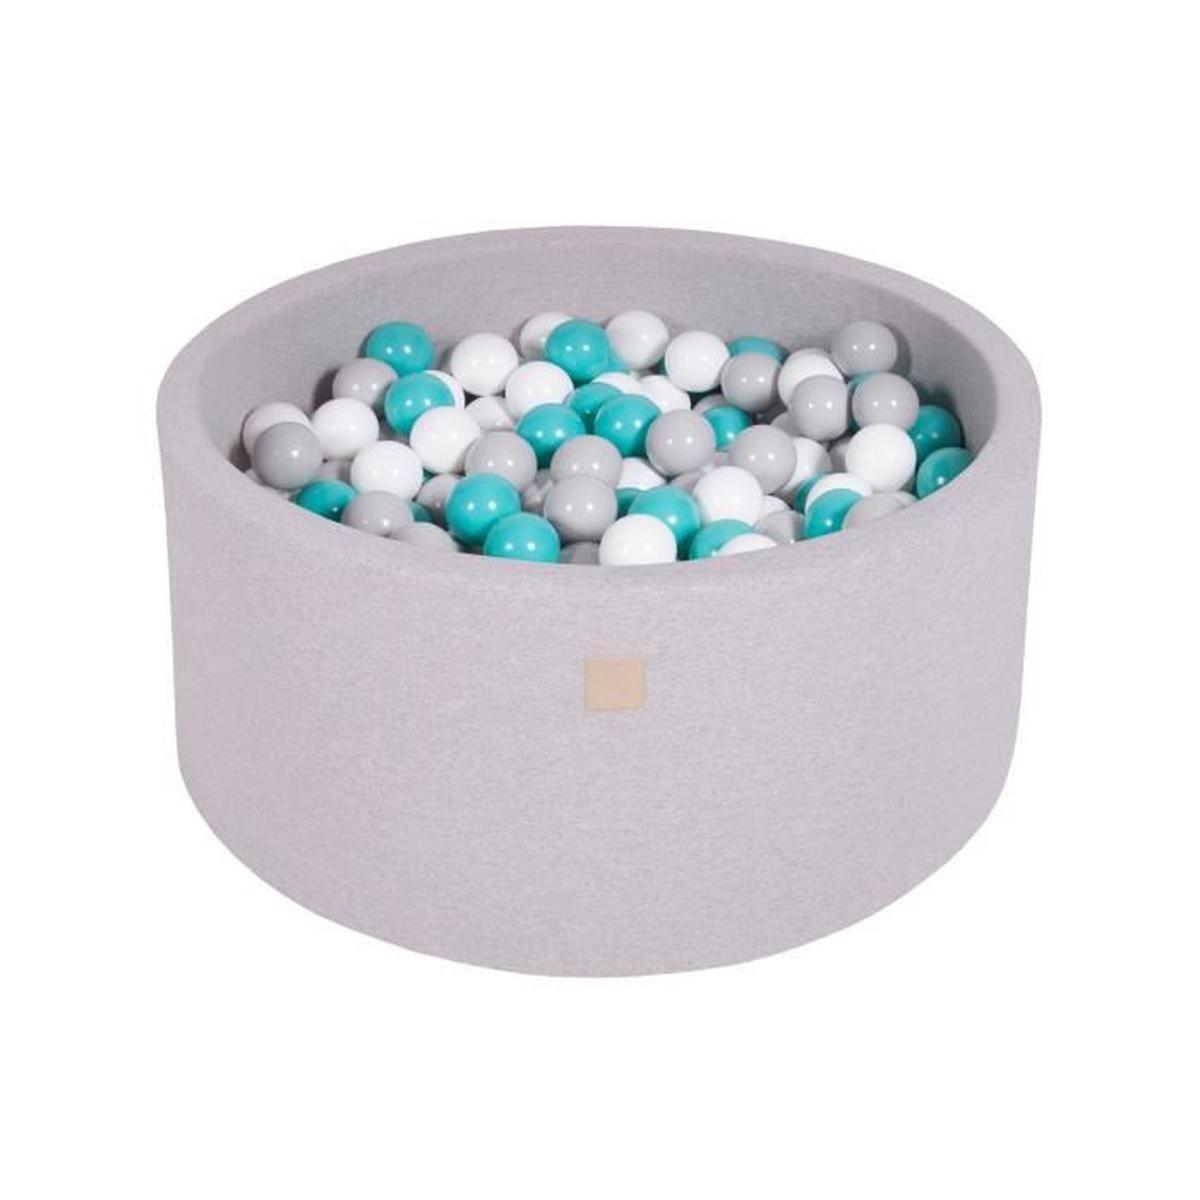 Meowbaby 90X40Cm/300 Balles ∅ 7Cm Piscine À Balles Pour ... concernant Piscine À Balles Bébé